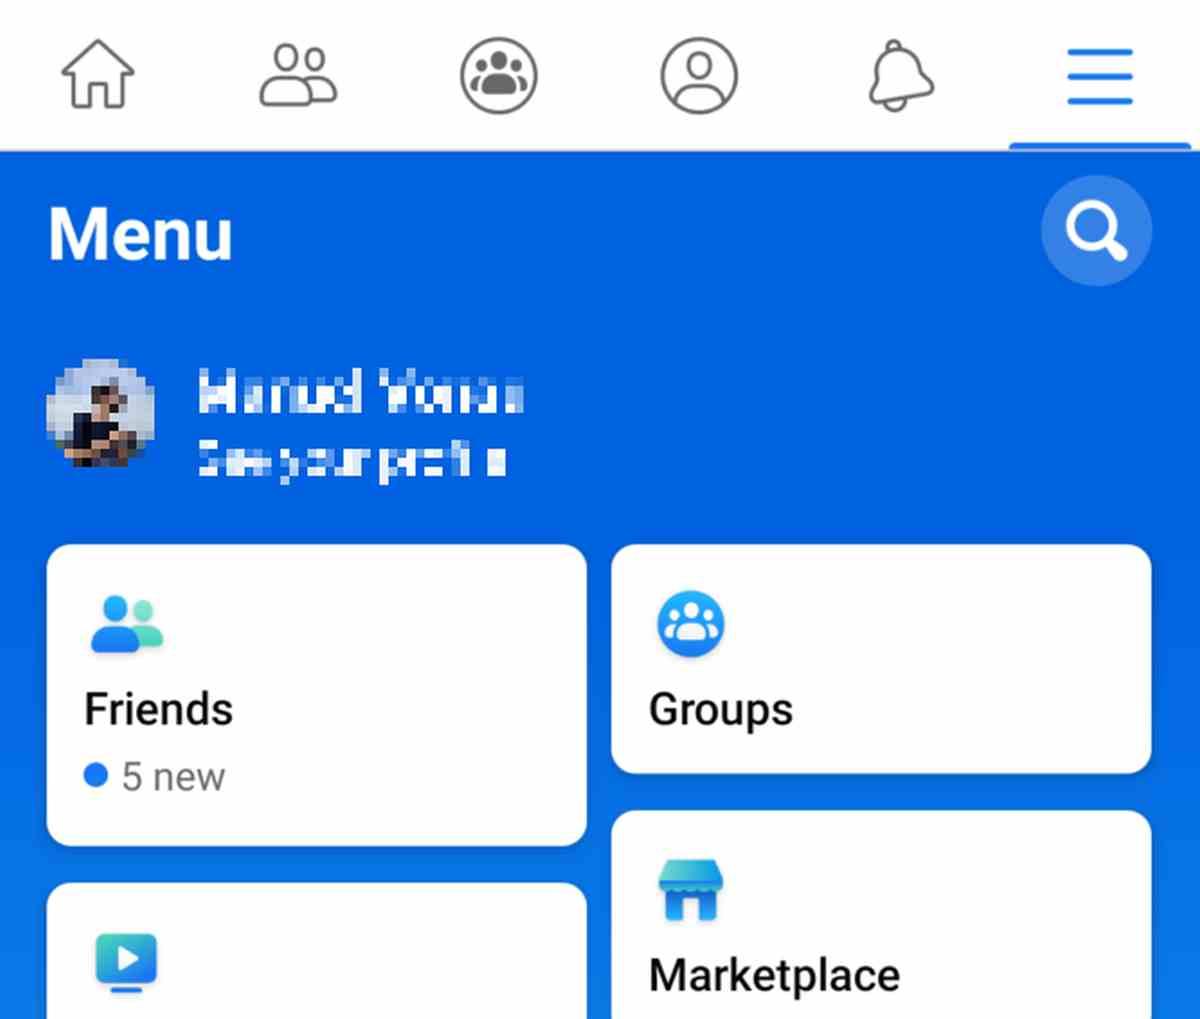 Facebook realiza importantes cambios en el menú de su aplicación